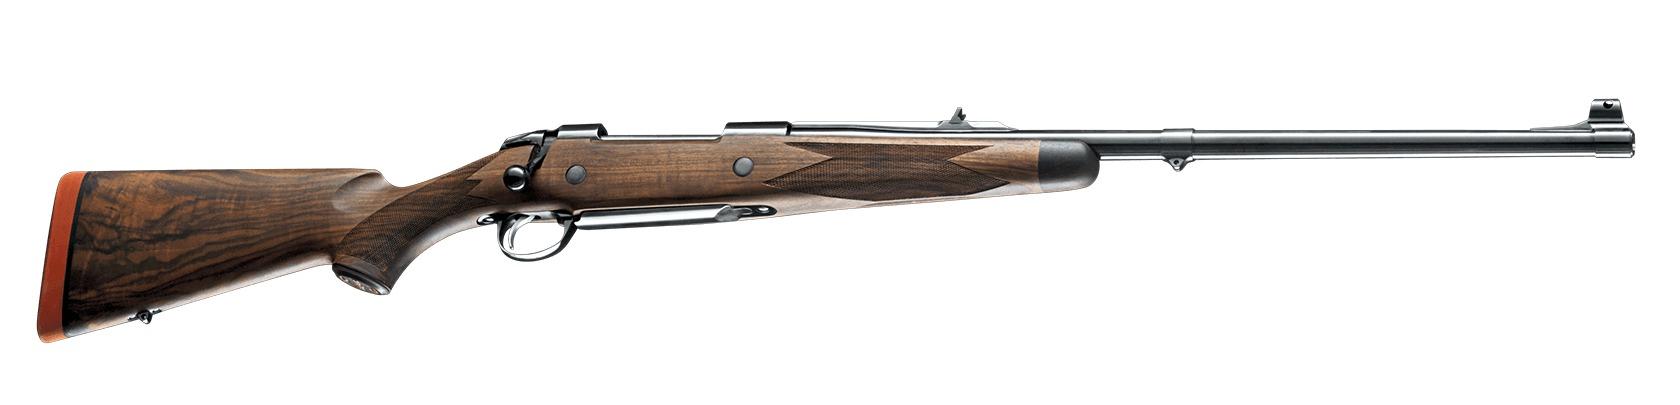 Sako model85 Safari rifle